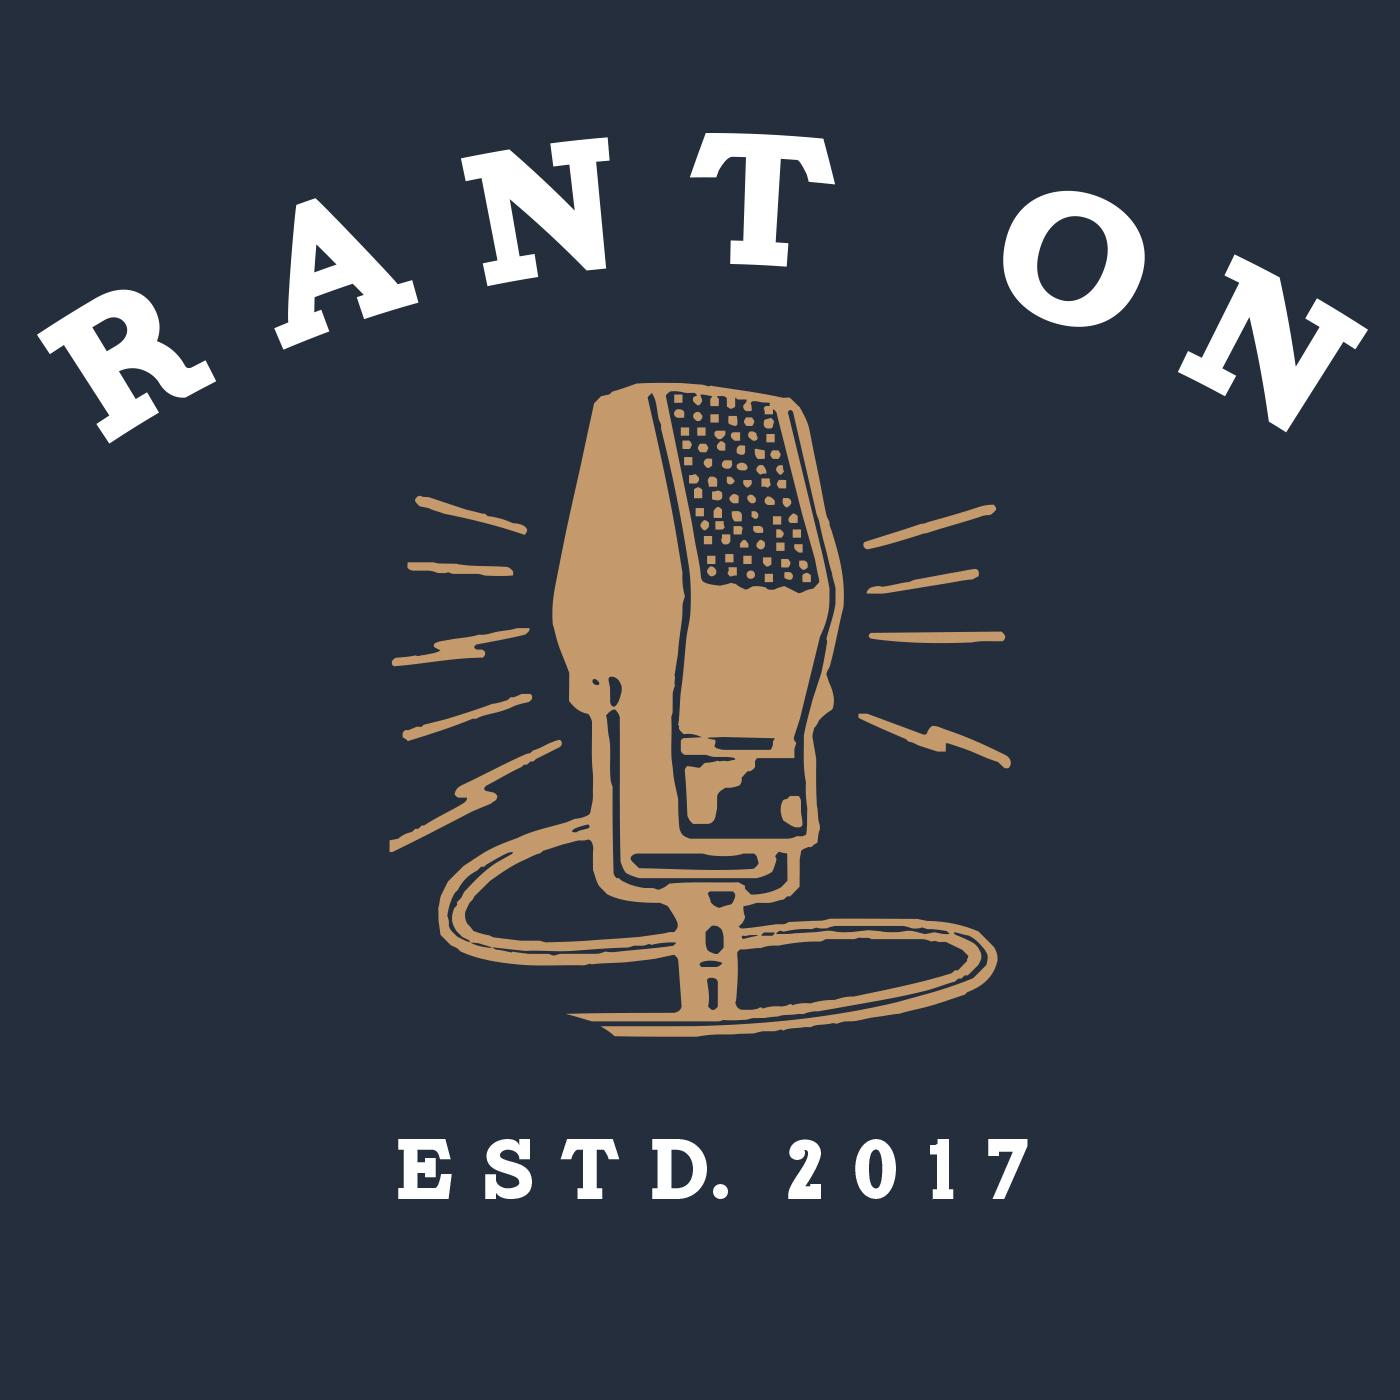 Rant On